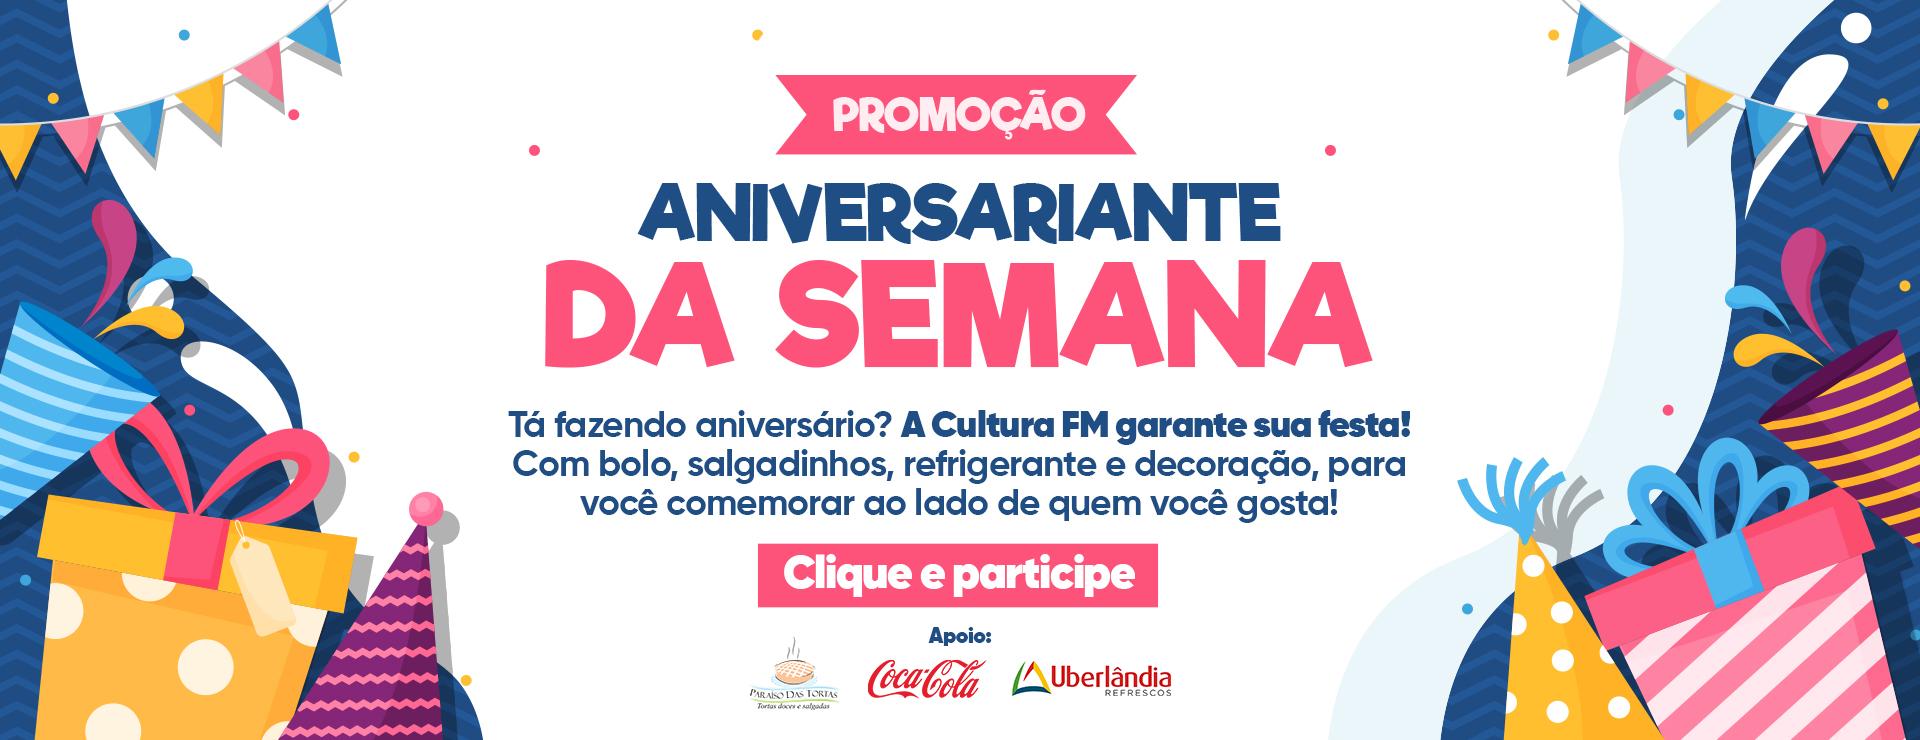 PROMOÇÃO ANIVERSARIANTE DA CULTURA FM